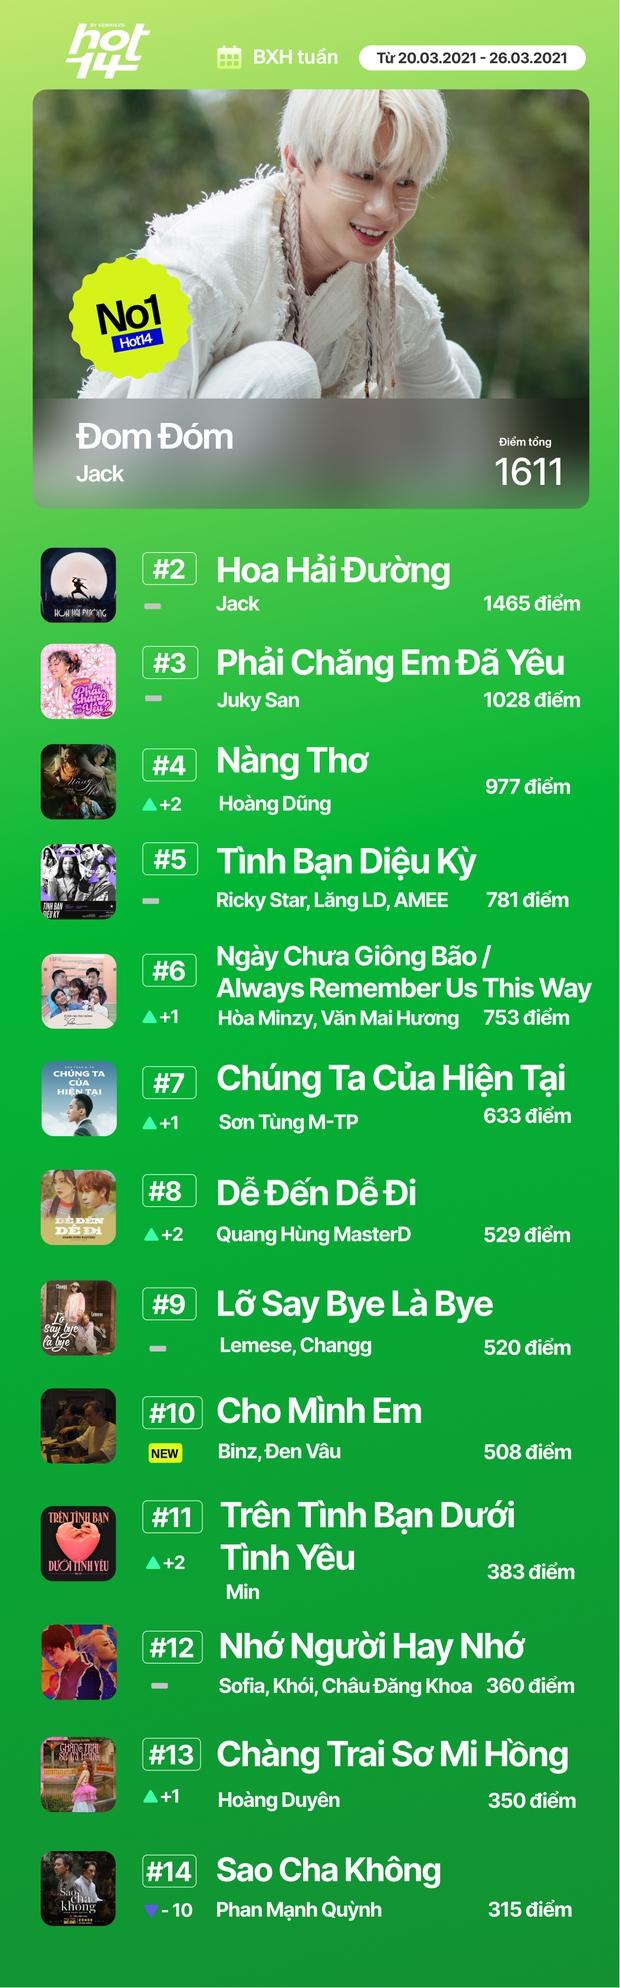 Liên minh BLACKPINK Đen Vâu và Binz chỉ mất 1 ngày để vào thẳng top bài hát tuần, cạnh tranh No.1 cùng Văn Mai Hương và Jack - Ảnh 21.